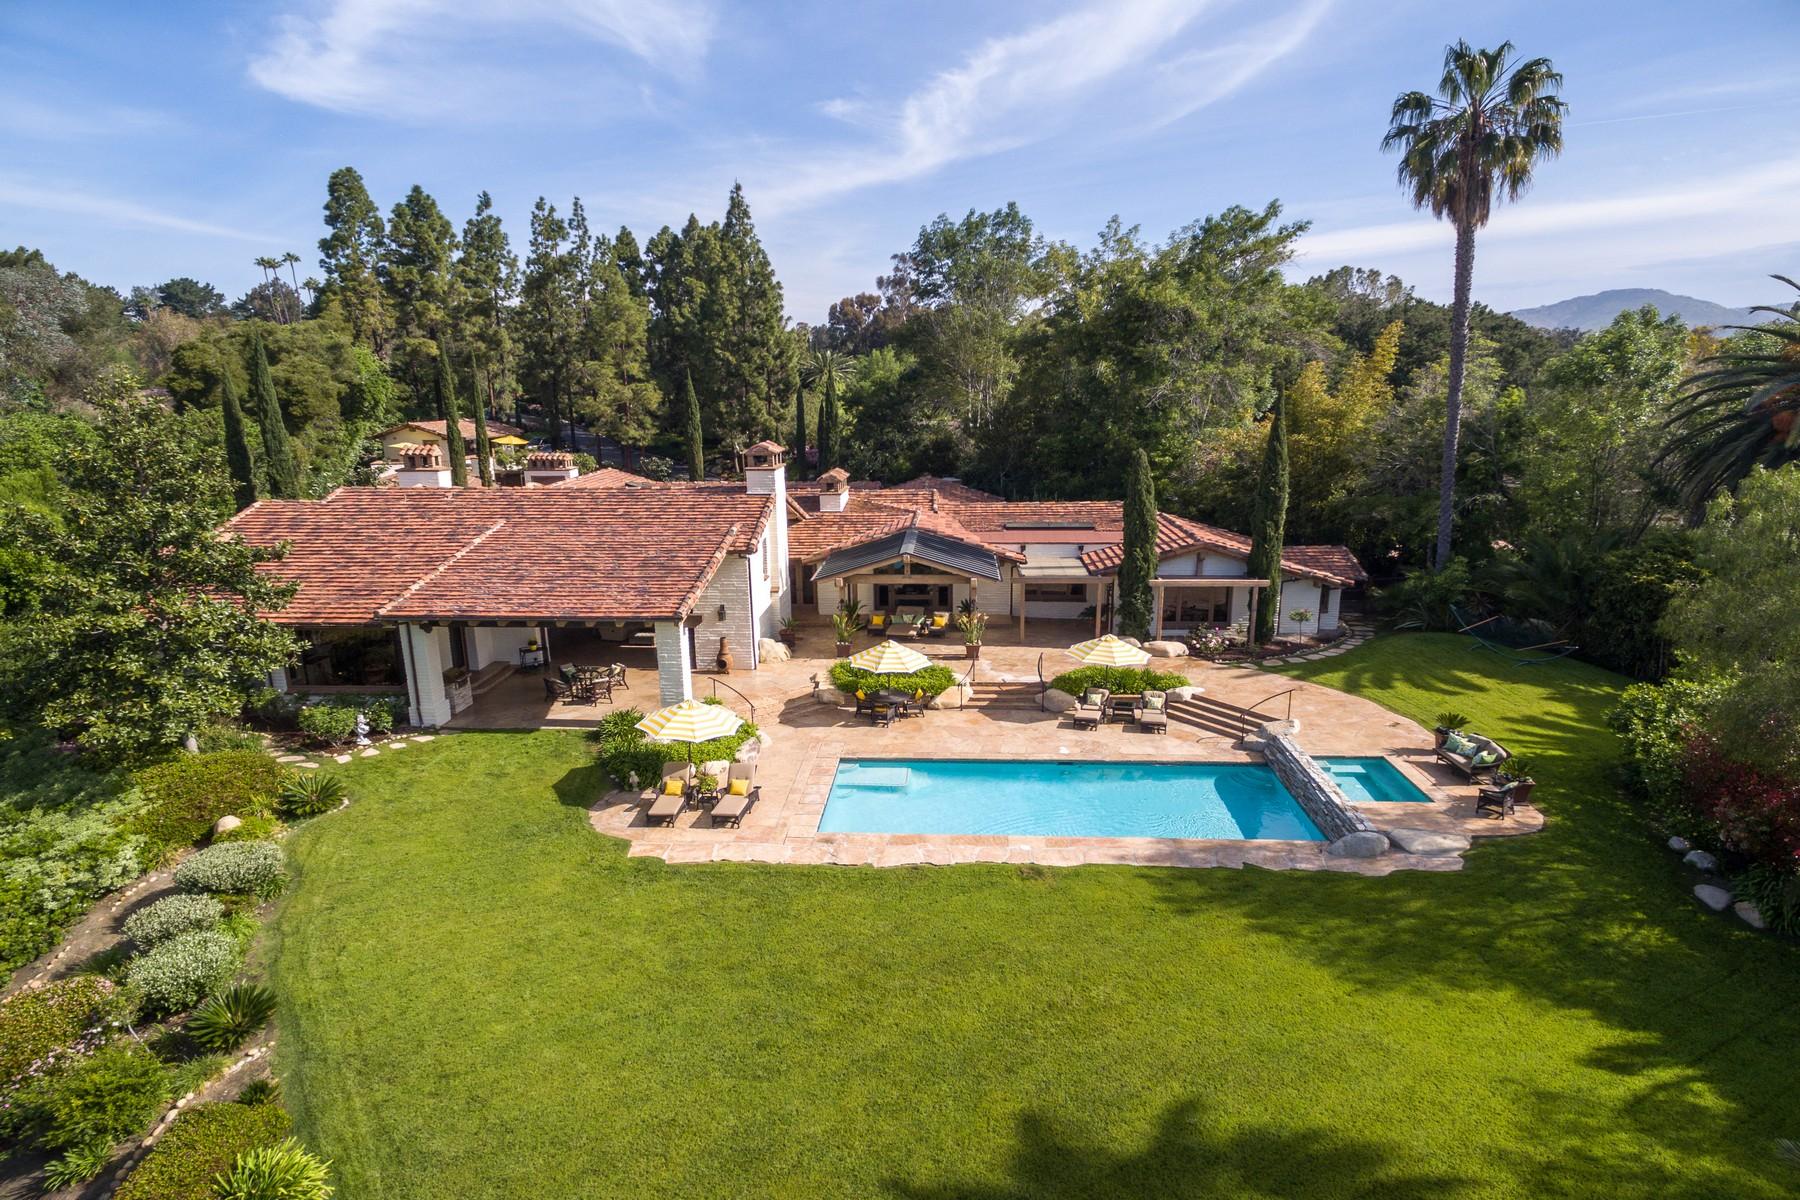 Villa per Vendita alle ore 6083 Mimulus Rancho Santa Fe, California, 92067 Stati Uniti